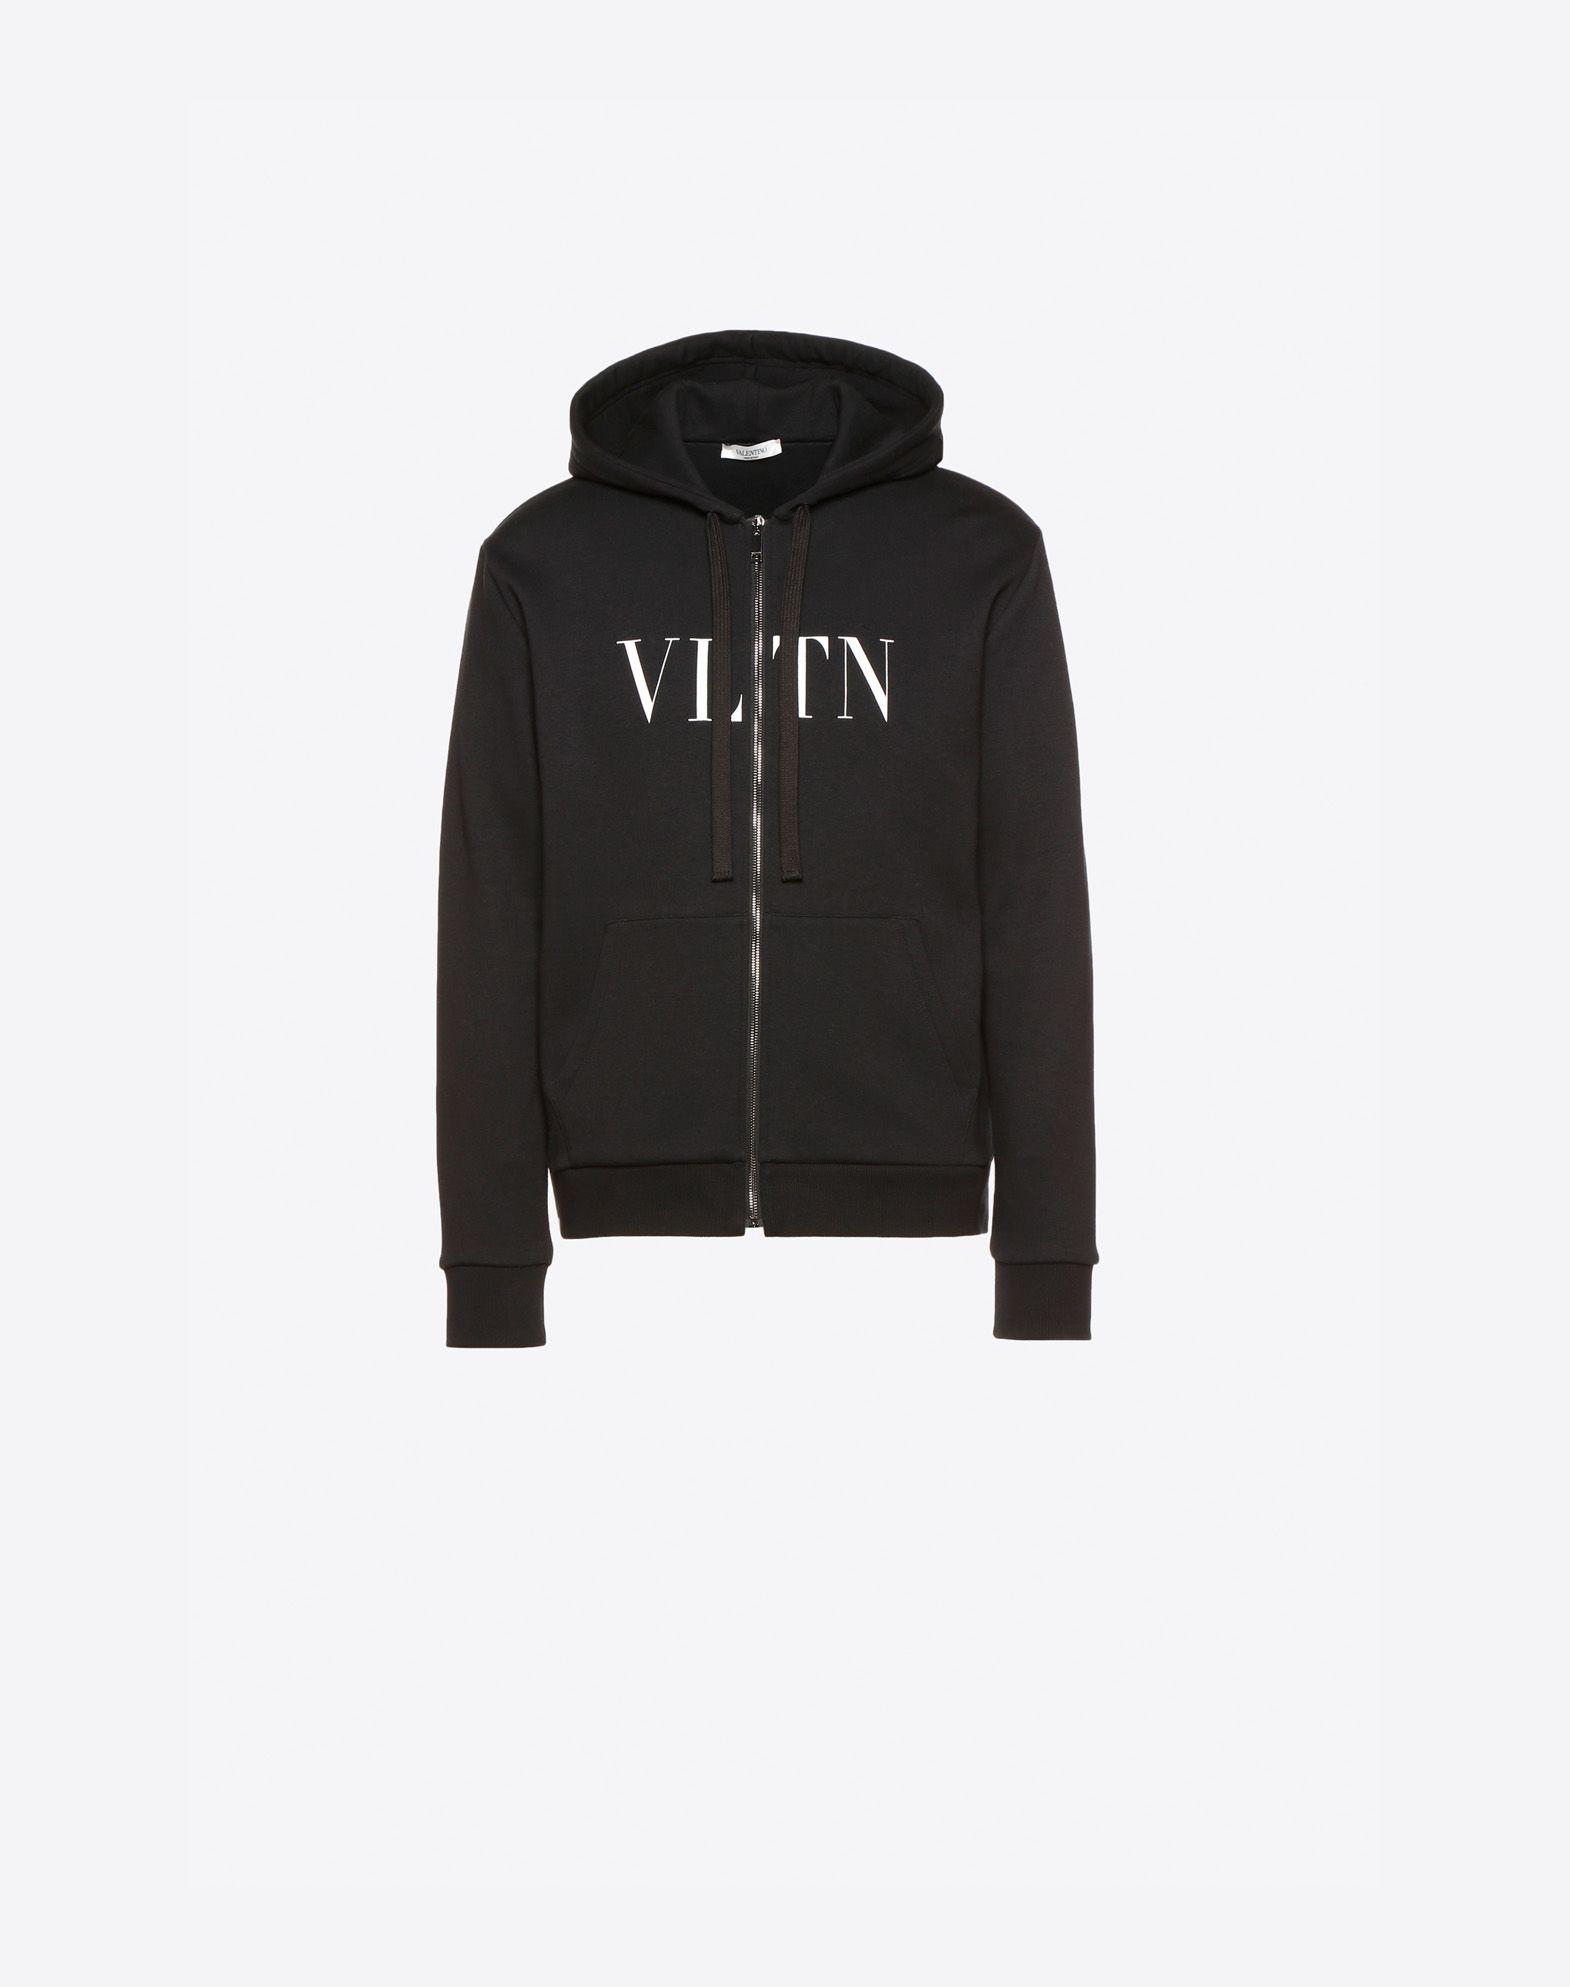 VALENTINO(ヴァレンチノ)VLTNシリーズ